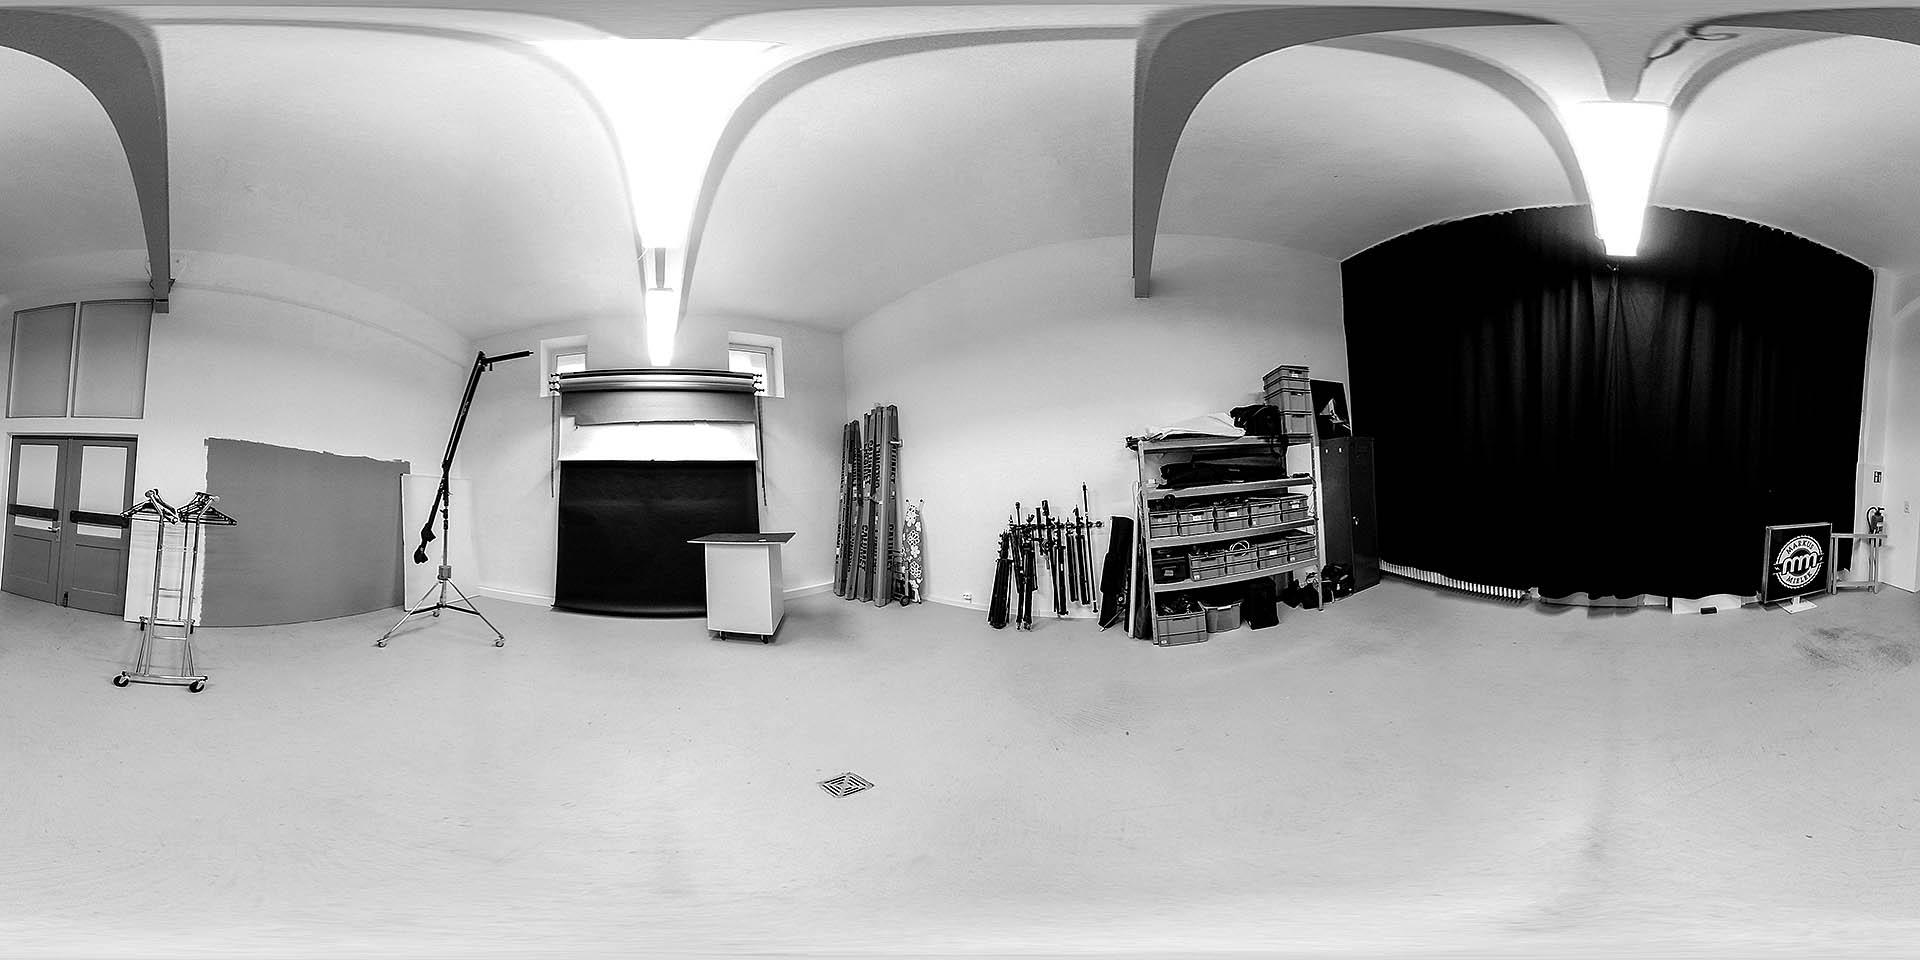 360 Grad Panorama des Mietstudios bzw Fotostudios des Fotograf Markus Mielek